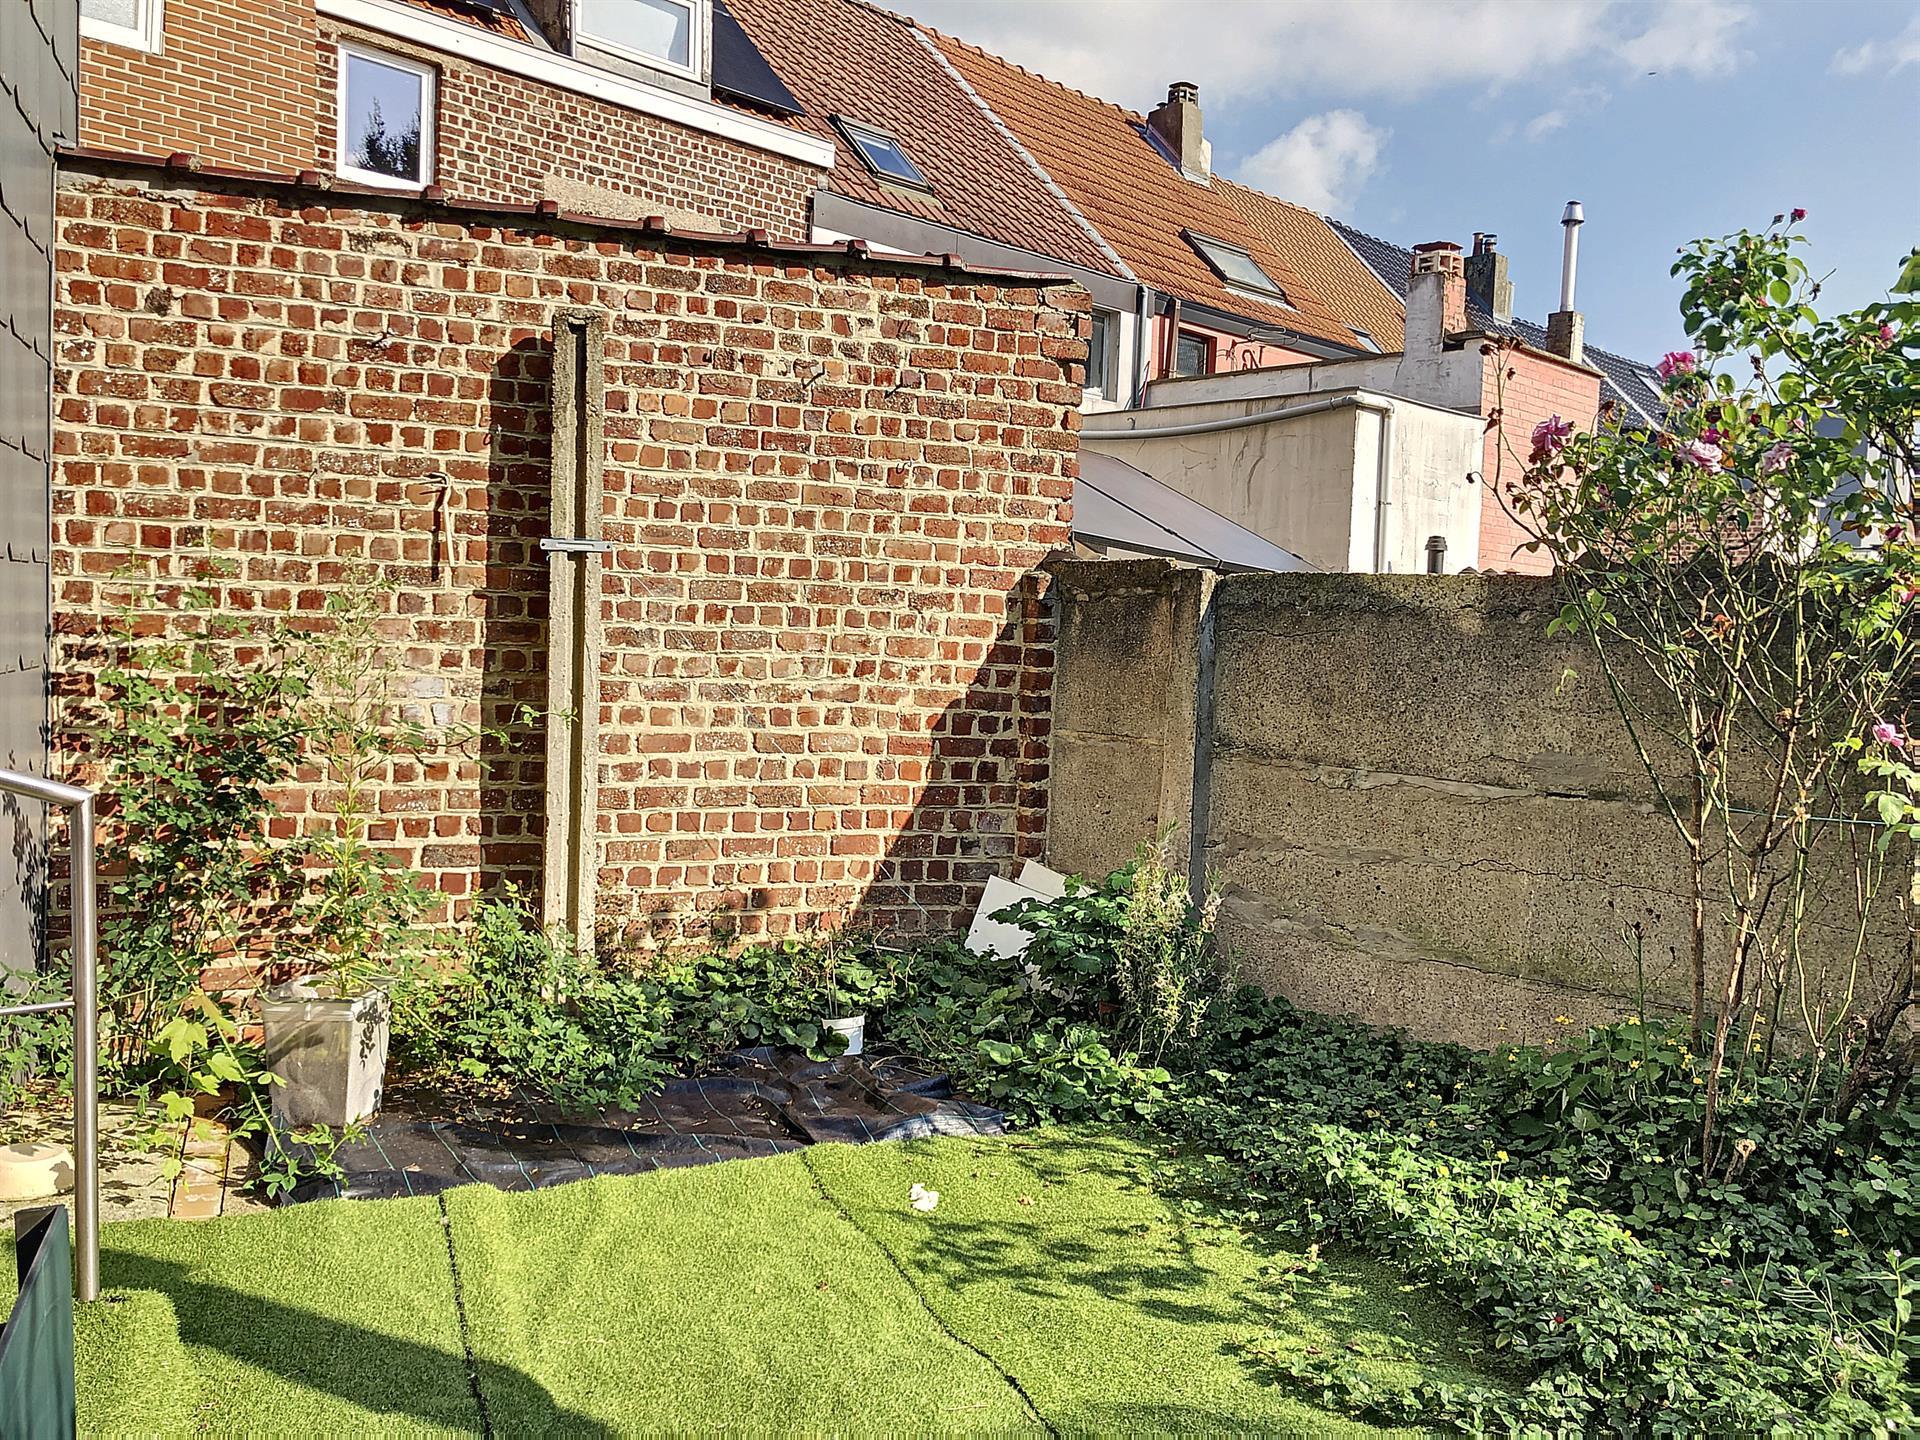 Appartement avec jardin - Anderlecht - #4449037-7